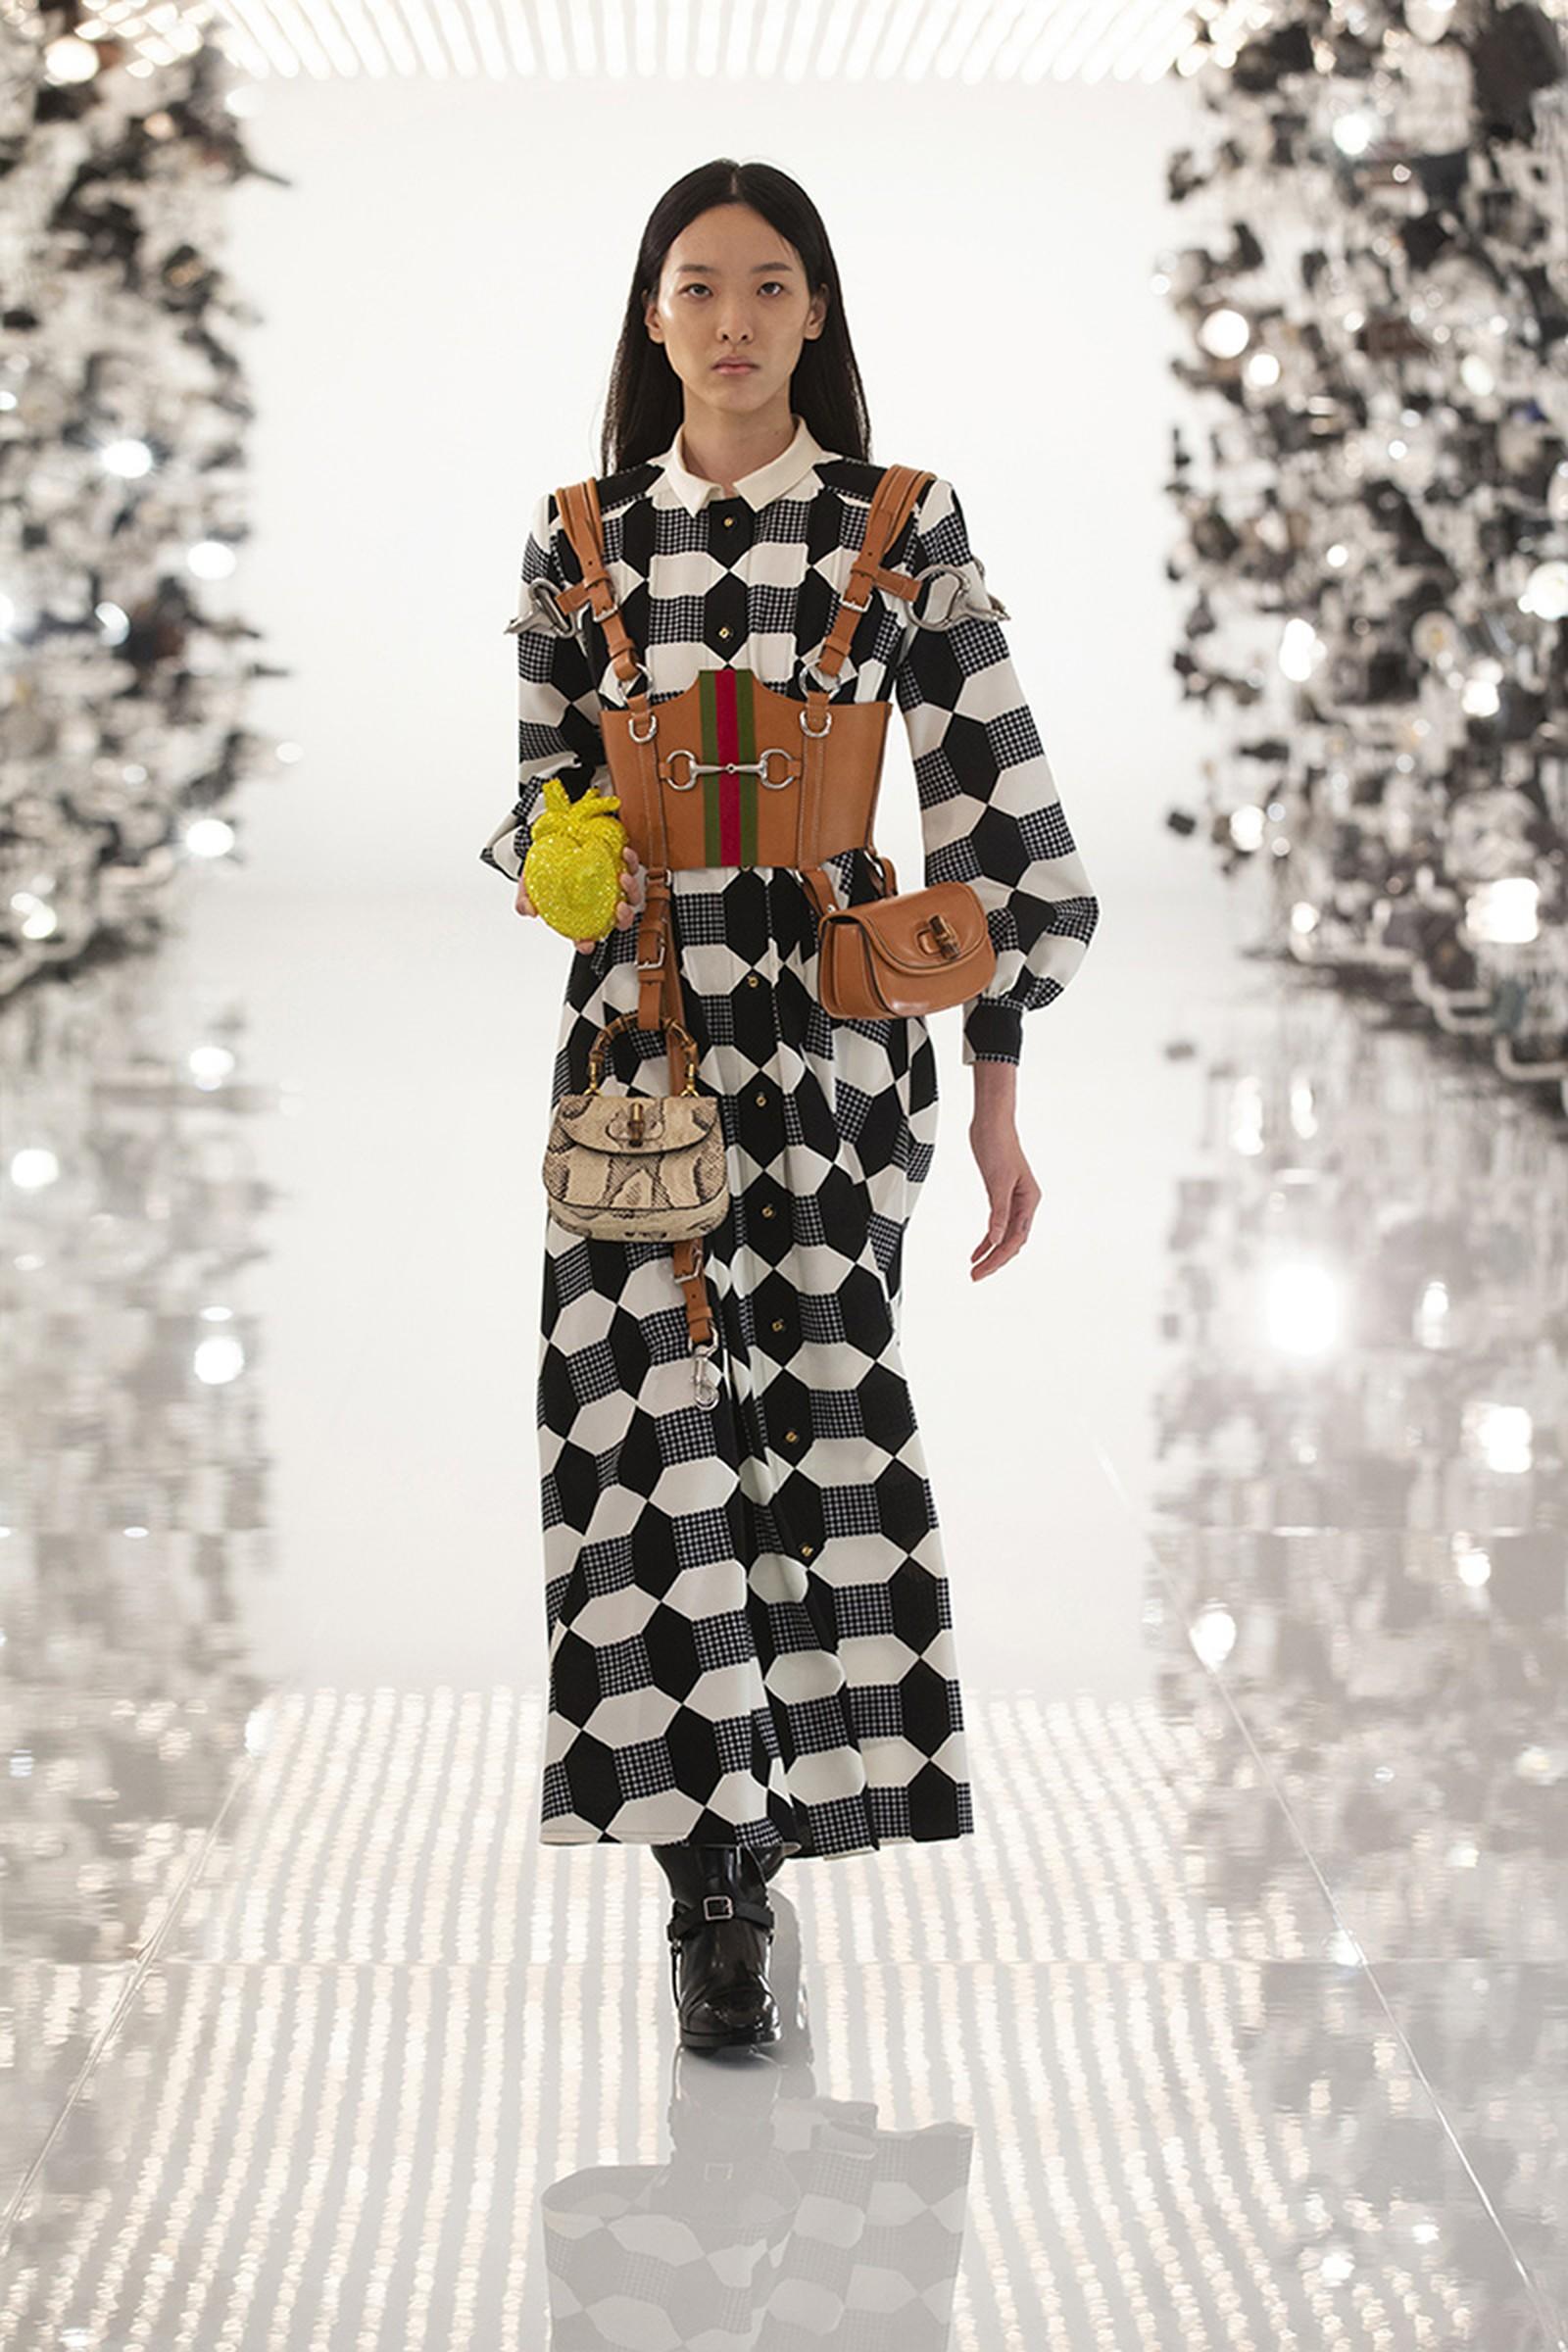 Gucci x Balenciaga Aria golden đầm họa tiết đen trắng cùng túi xách và trái tim kim cương màu vàng